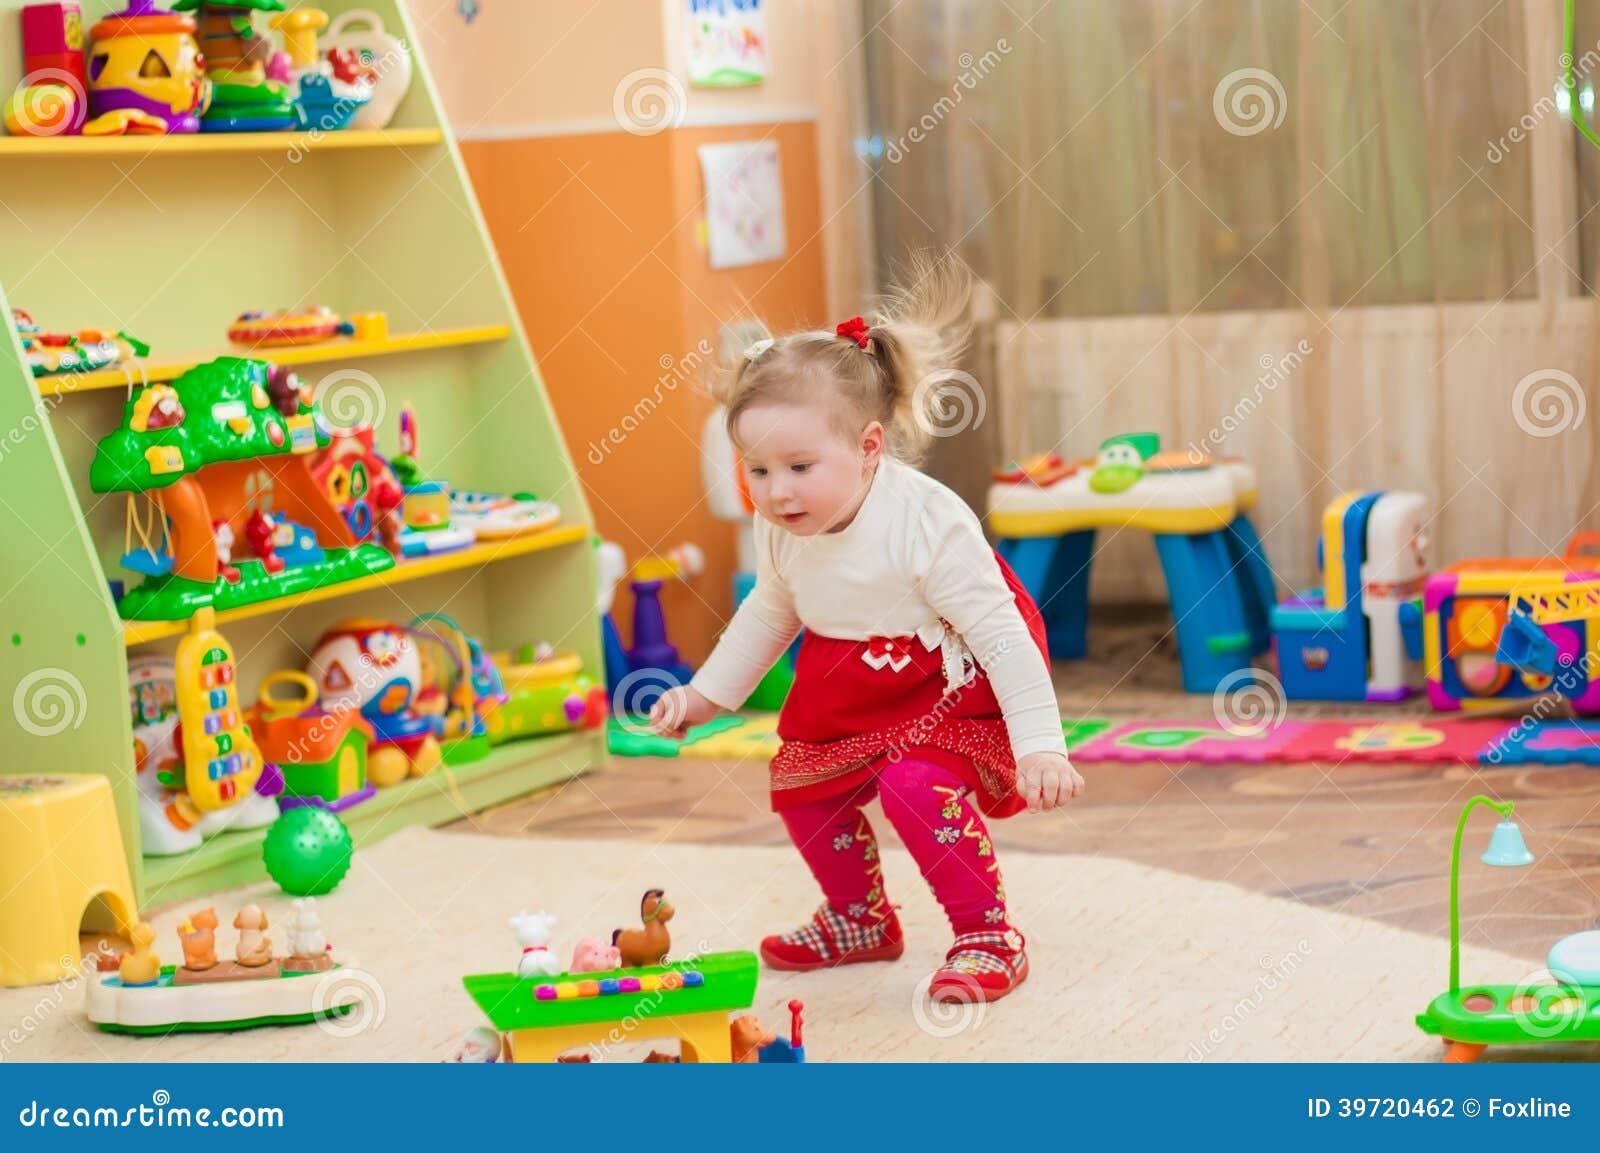 petite fille jouant avec des jouets dans la salle de jeux photo stock image du ch ris. Black Bedroom Furniture Sets. Home Design Ideas